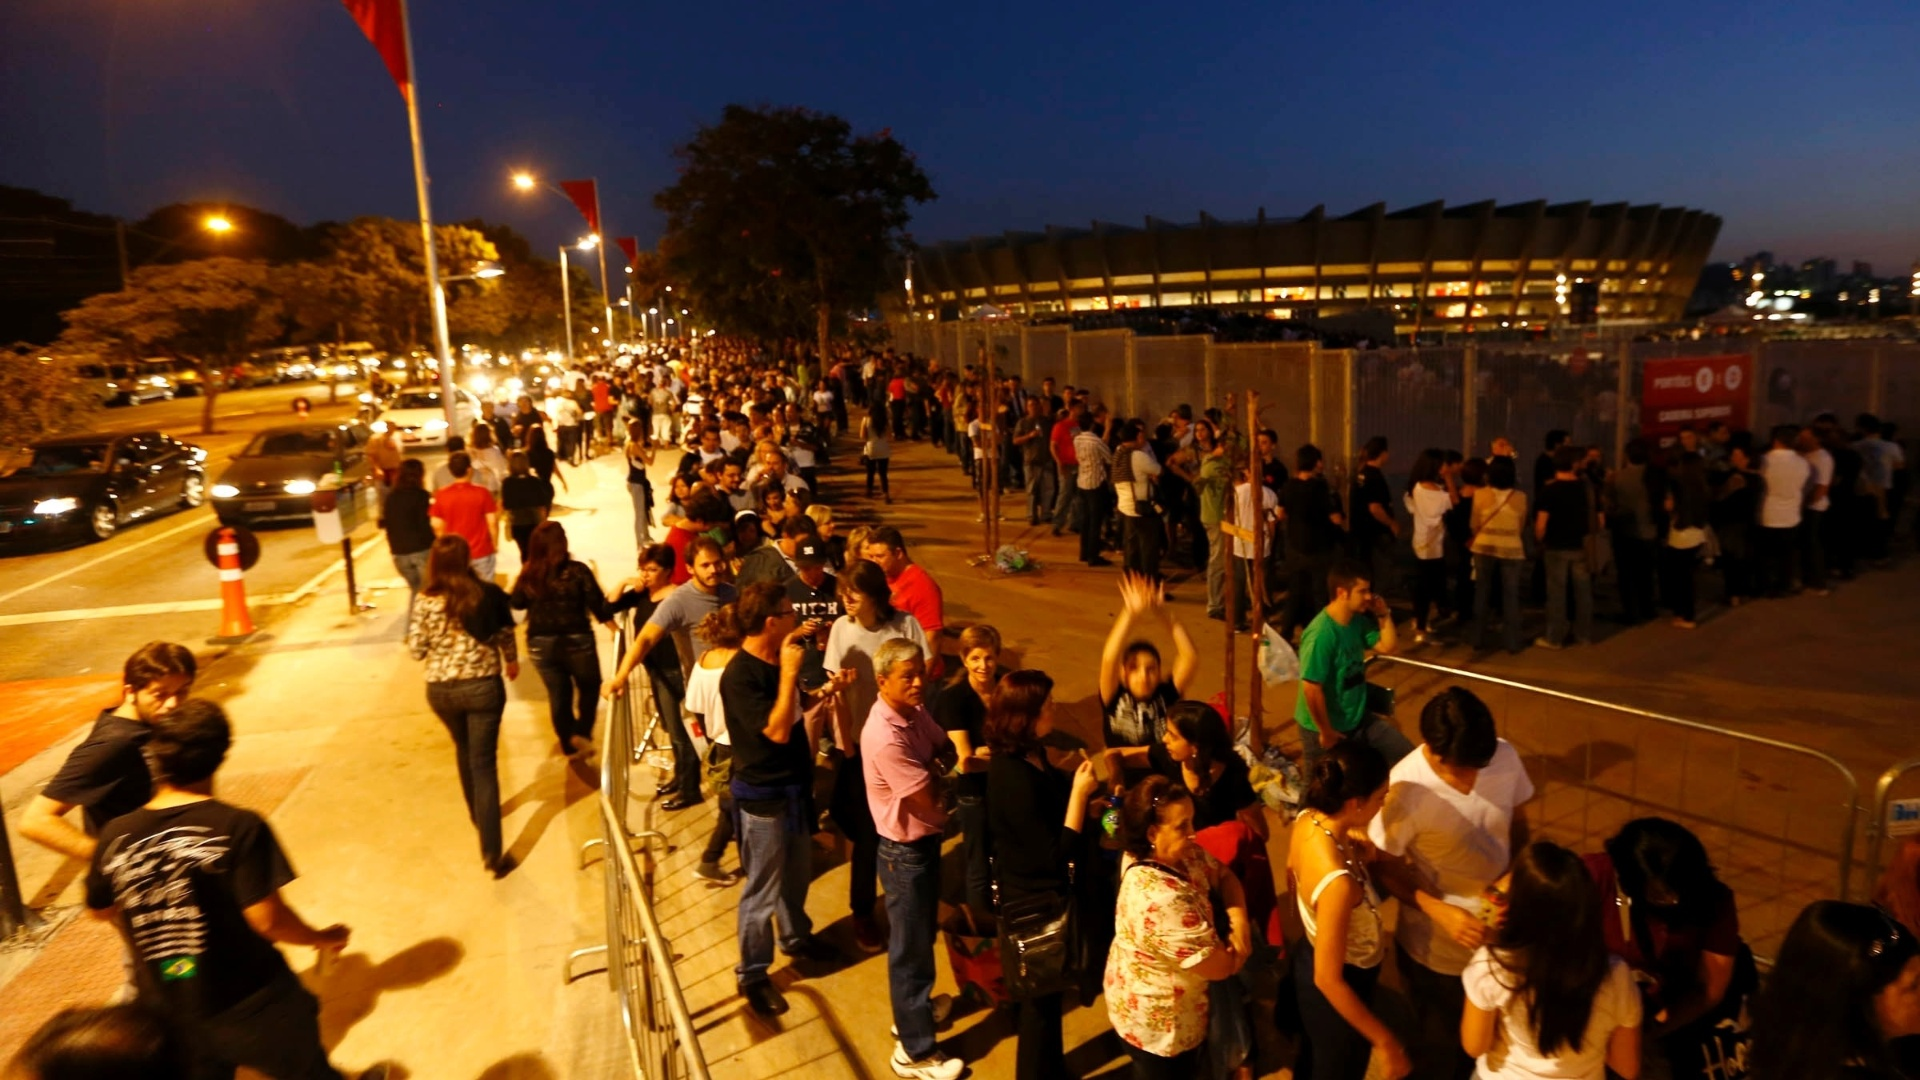 4.mai.2013 - Detalhe para a fila do show de Paul McCartney no Estádio do Mineirão, em Belo Horizonte